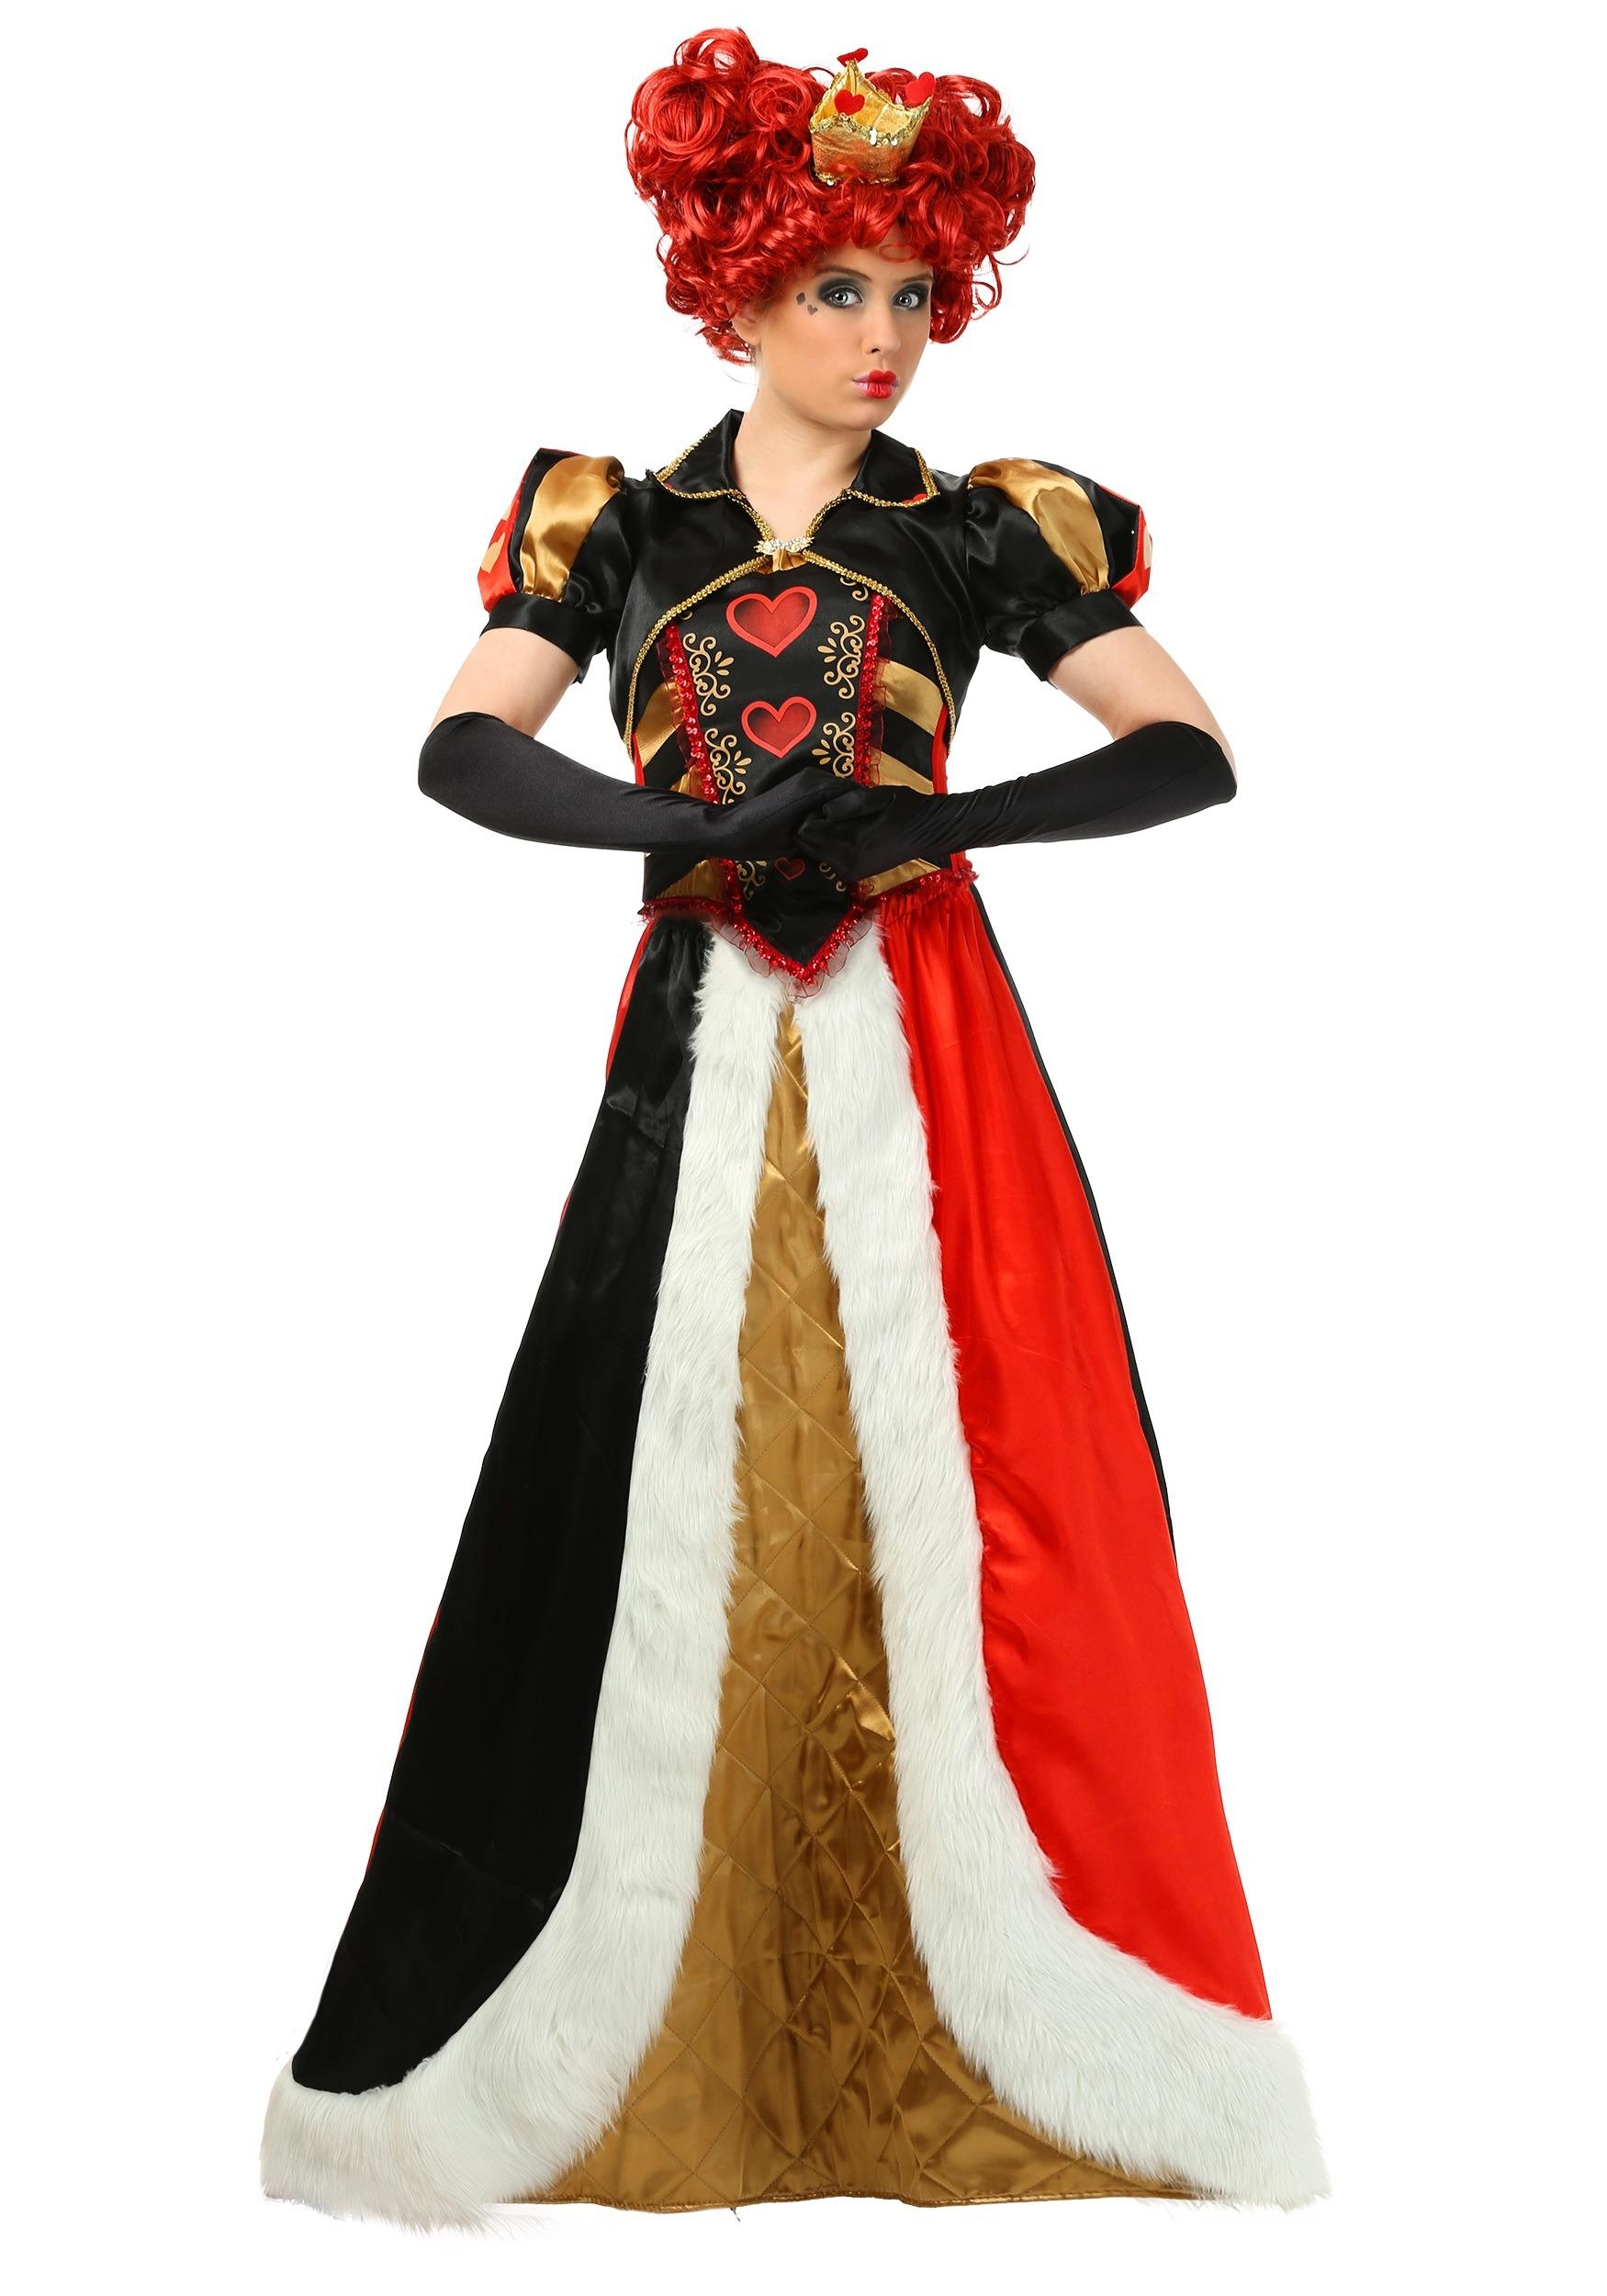 Women's Elite Queen of Hearts Costume